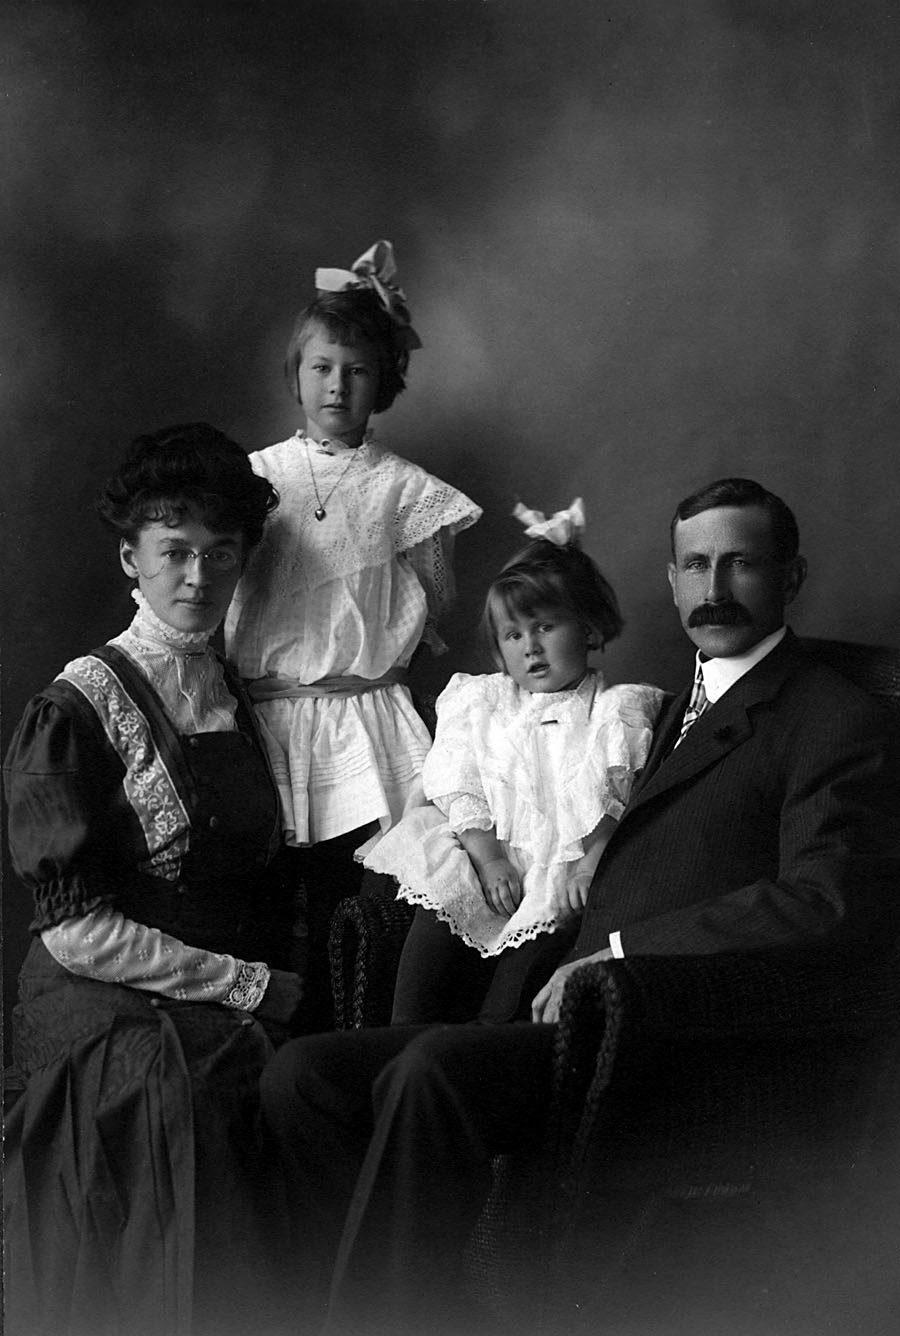 Portrait de la famille Ashbridge (Mable, Betty, Dorothy, Wellington).